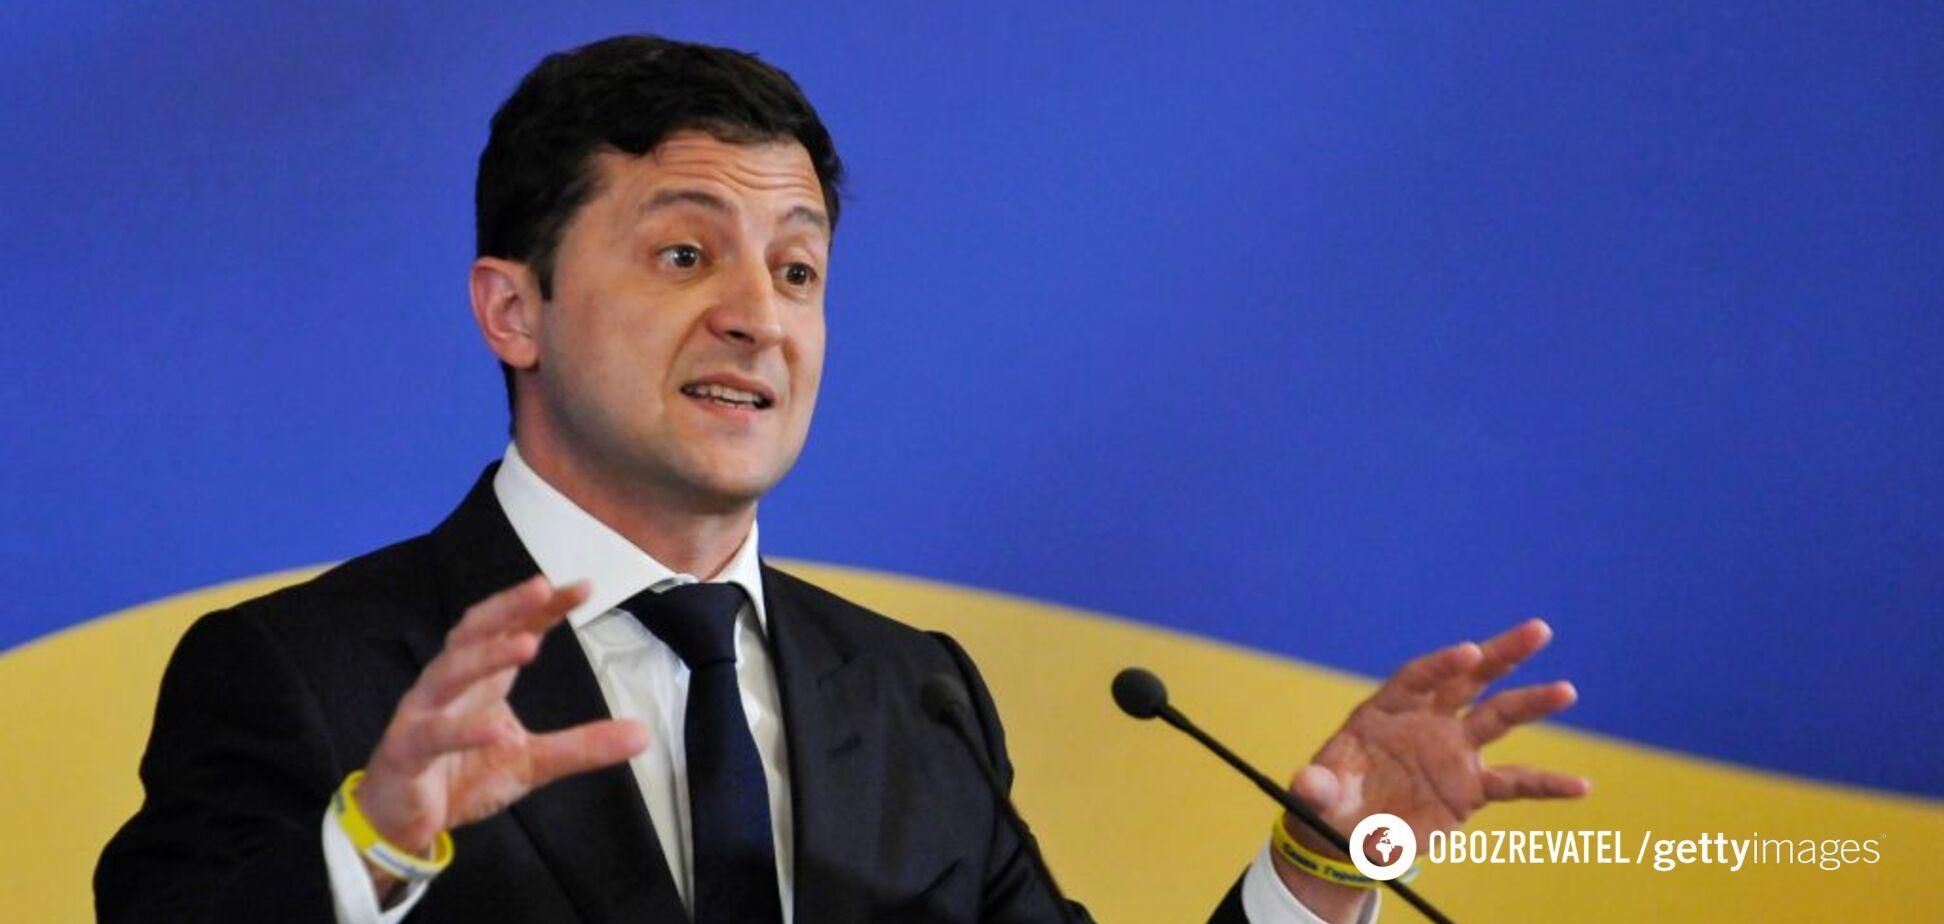 'Политическое дно!' На саммите Украина-ЕС произошел скандал, связанный с Зеленским